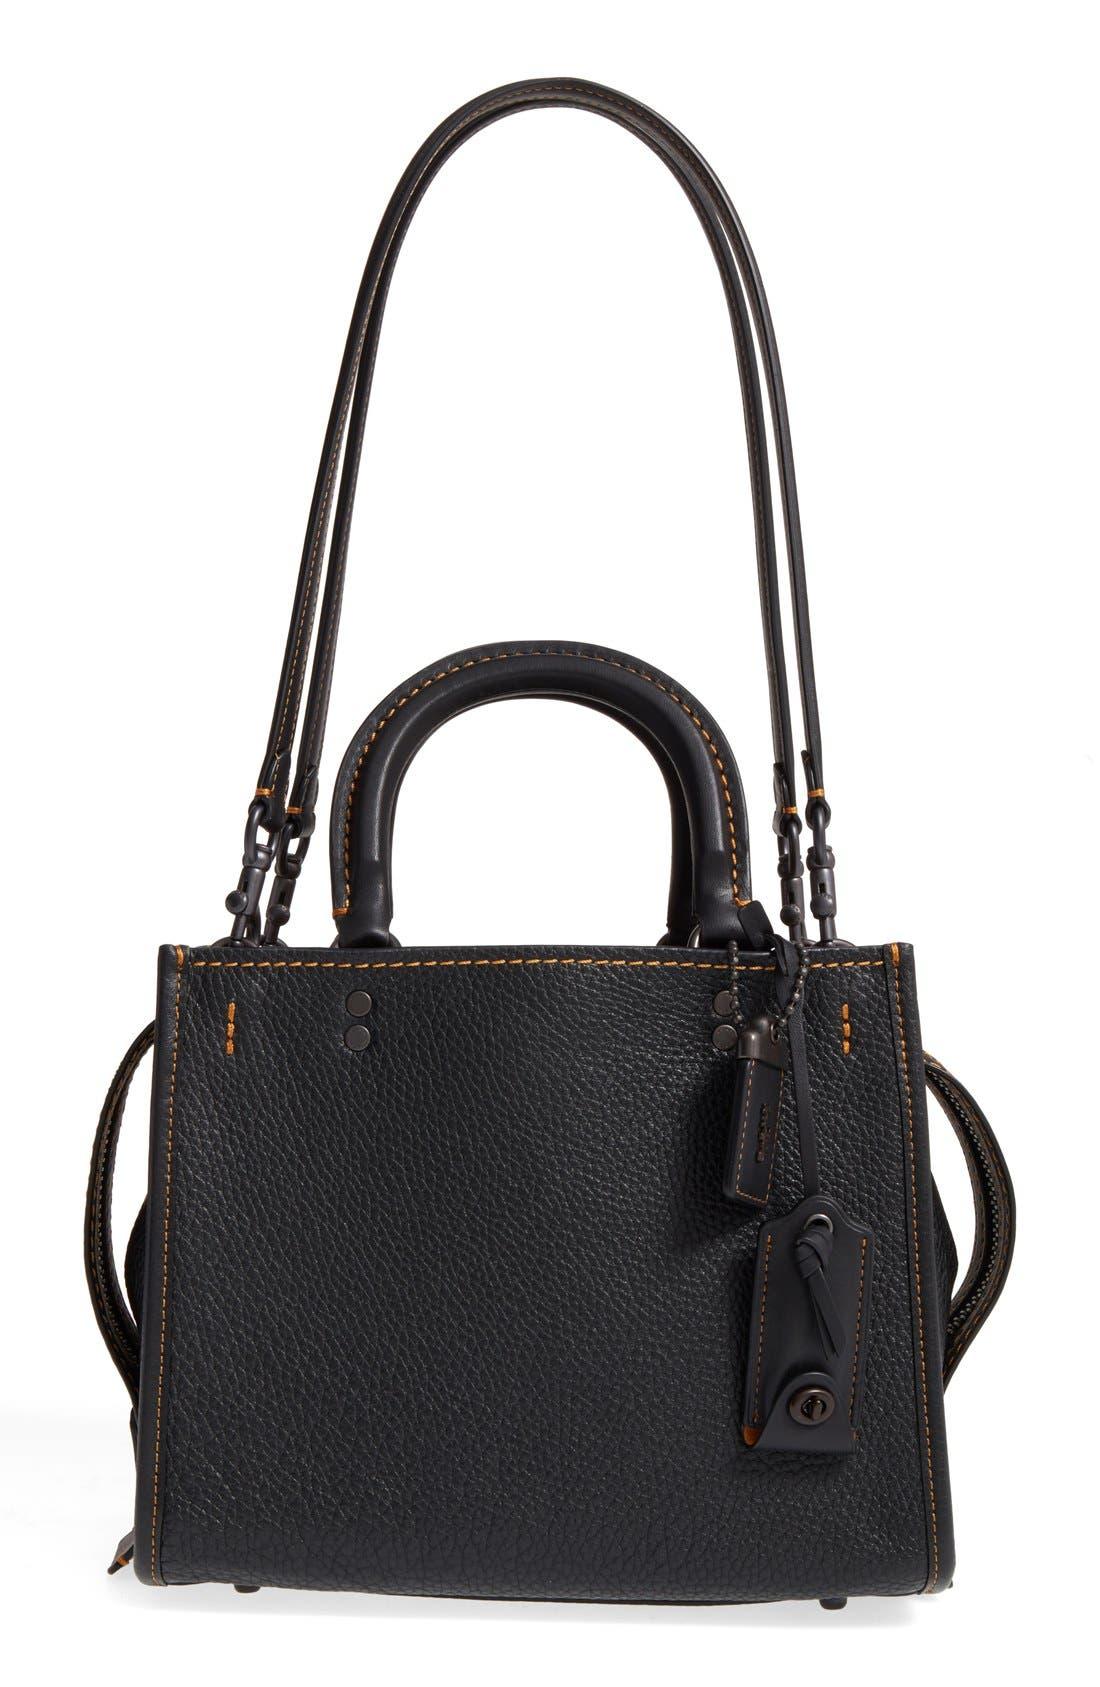 COACH 1941 'Rogue 25' Leather Satchel, Main, color, BLACK